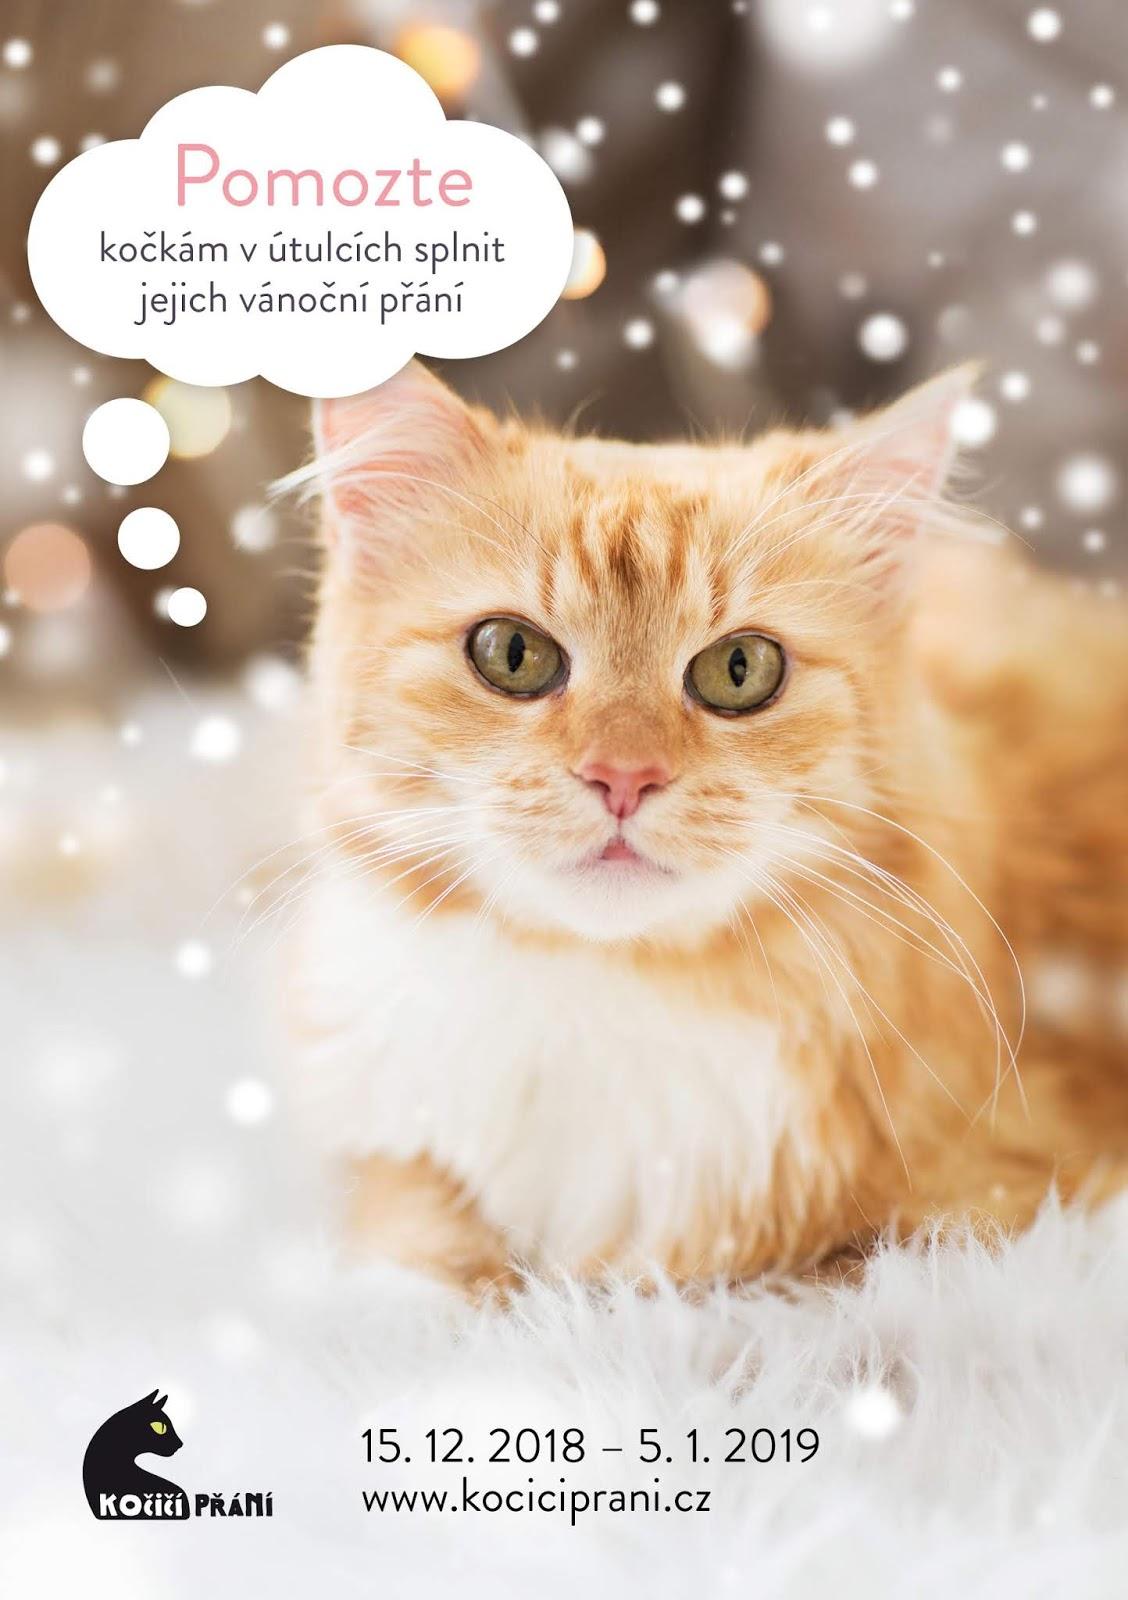 Perská kočka je jedním z nejkontroverznějších plemen, protože je prostě buď milujete, nebo nesnášíte.